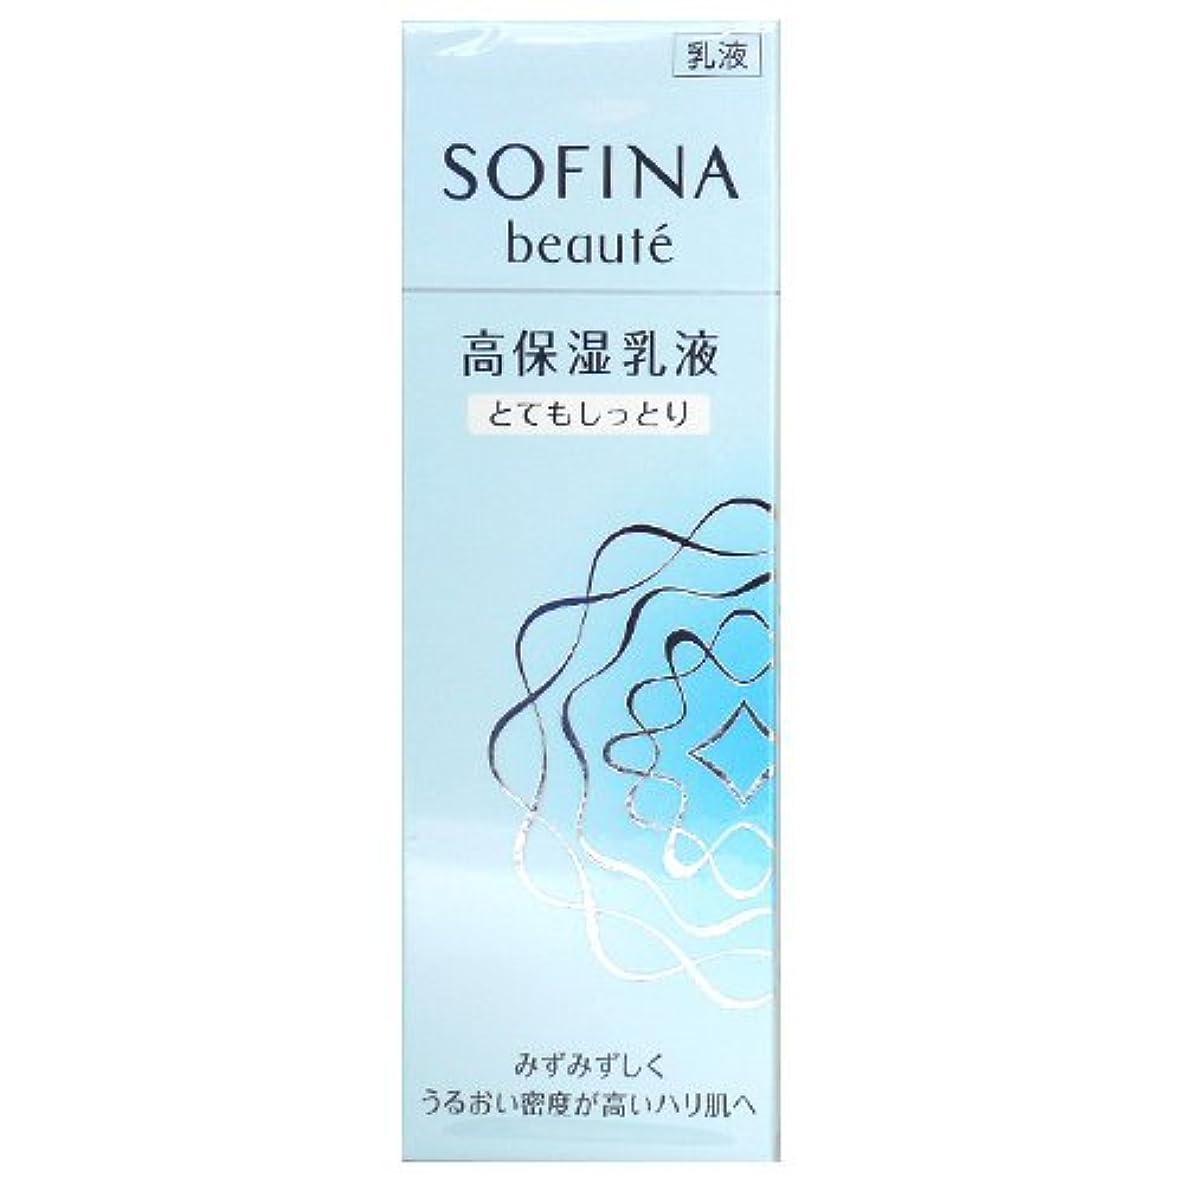 事前ファランクス軍団花王 ソフィーナ ボーテ SOFINA beaute 高保湿乳液 とてもしっとり 60g [並行輸入品]